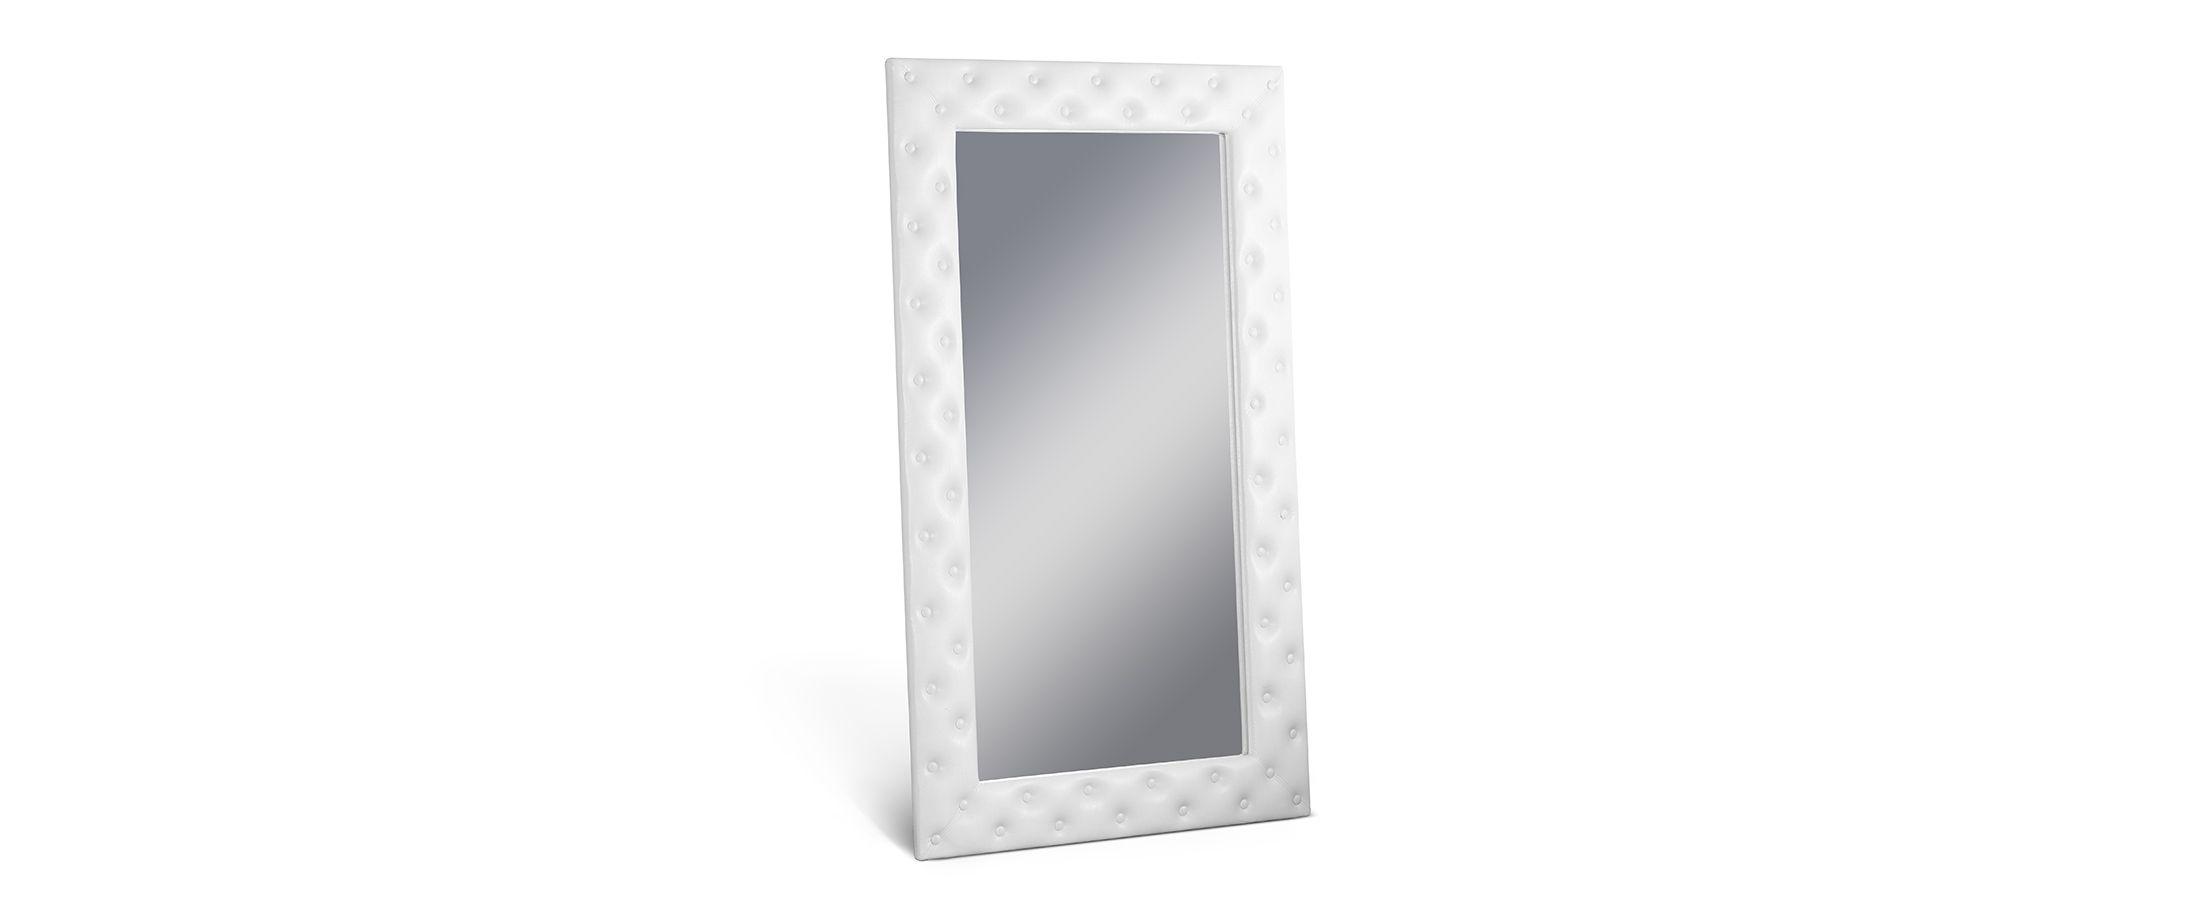 Зеркало Кааба большое с пуговицами марципанЗеркало навесное в спальню. Обивка из экокожи с декоративными пуговицами. Артикул: К000485<br><br>Ширина см: 101<br>Глубина см: 4<br>Высота см: 171<br>Цвет: Марципан